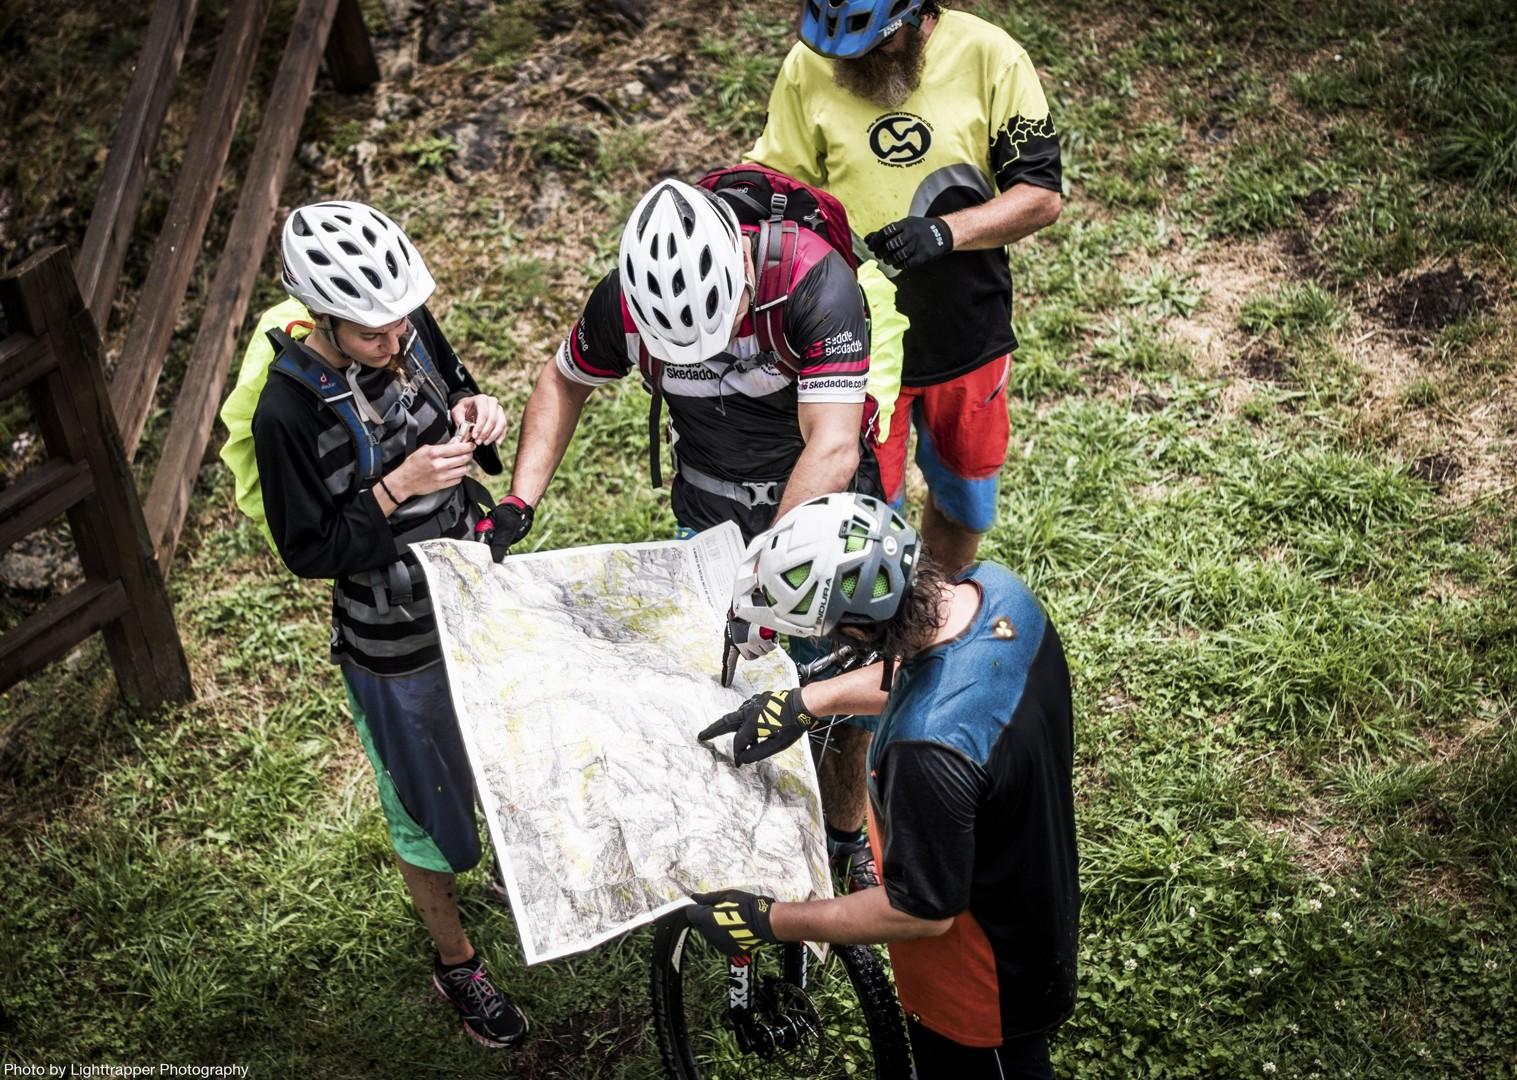 guided-exploring-group-cycling-holiday-spain-picos-de-europa.jpg - Spain - Picos de Europa - Trans Picos - Guided Mountain Bike Holiday - Mountain Biking